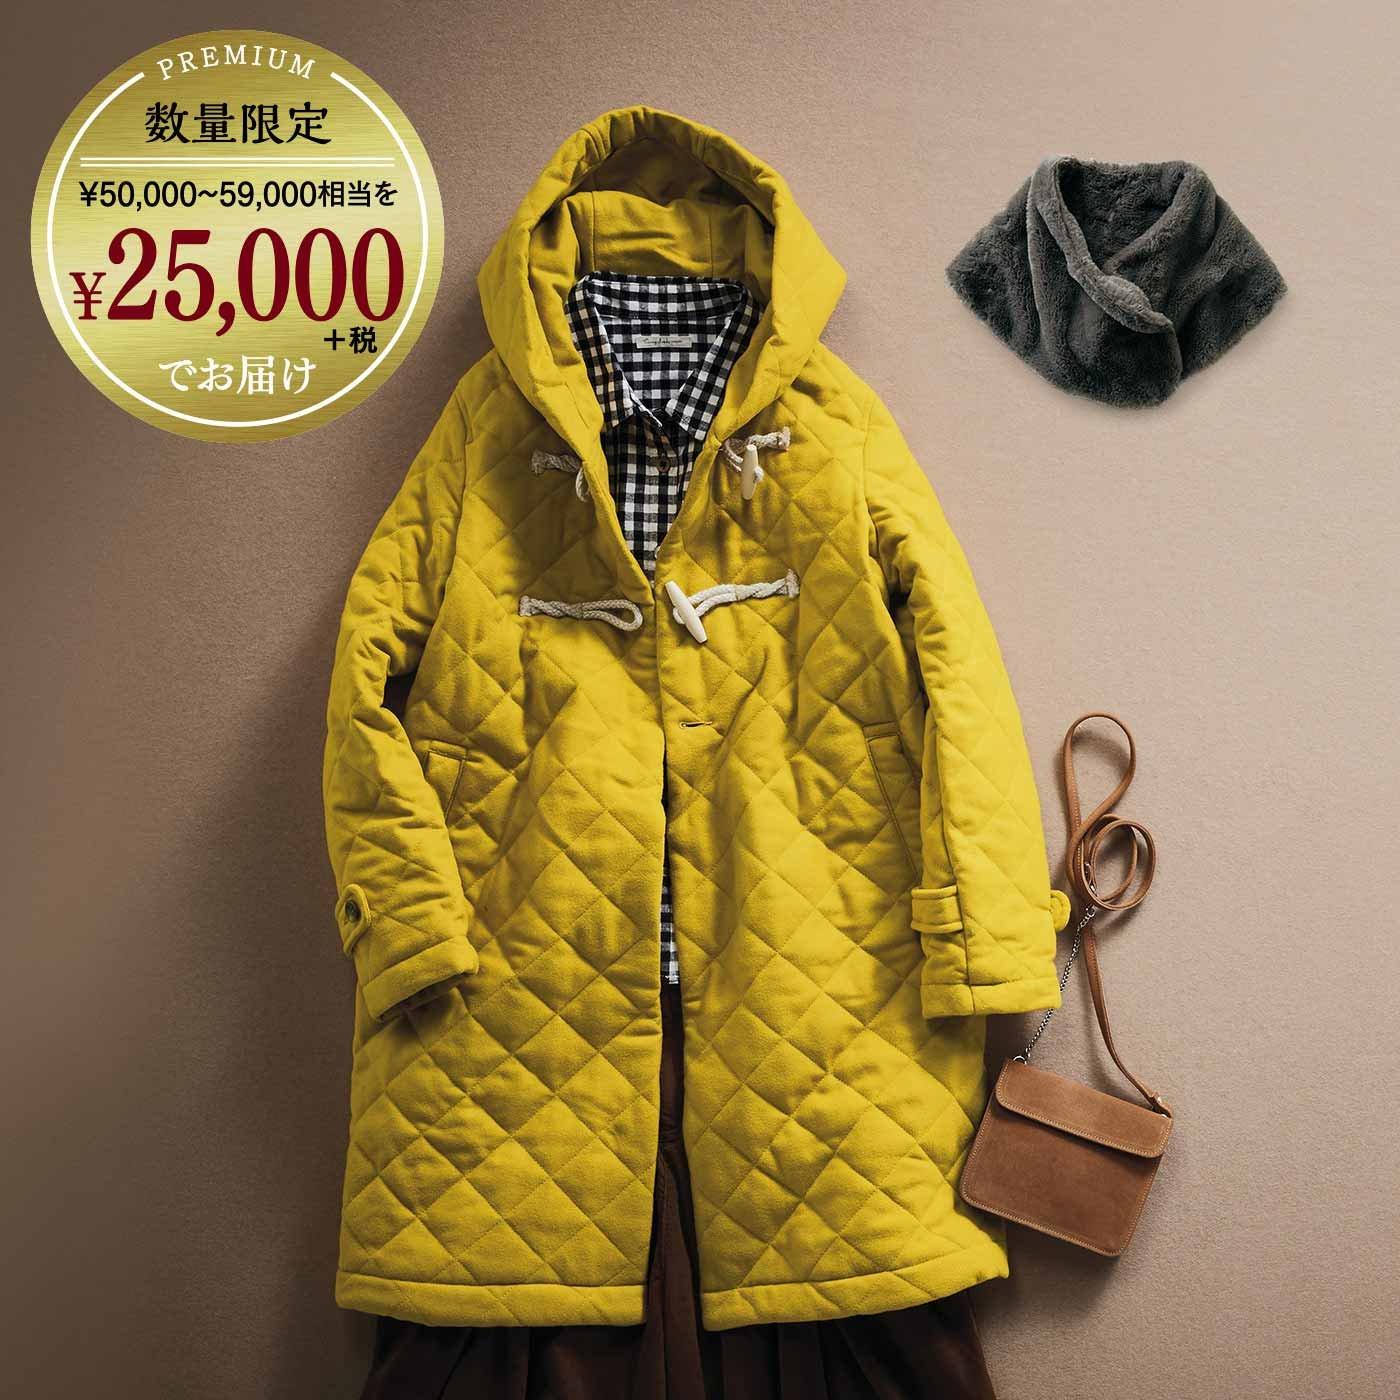 Sunny clouds この冬毎日着たい服と雑貨を集めた 最高のふだん着ファッションパック